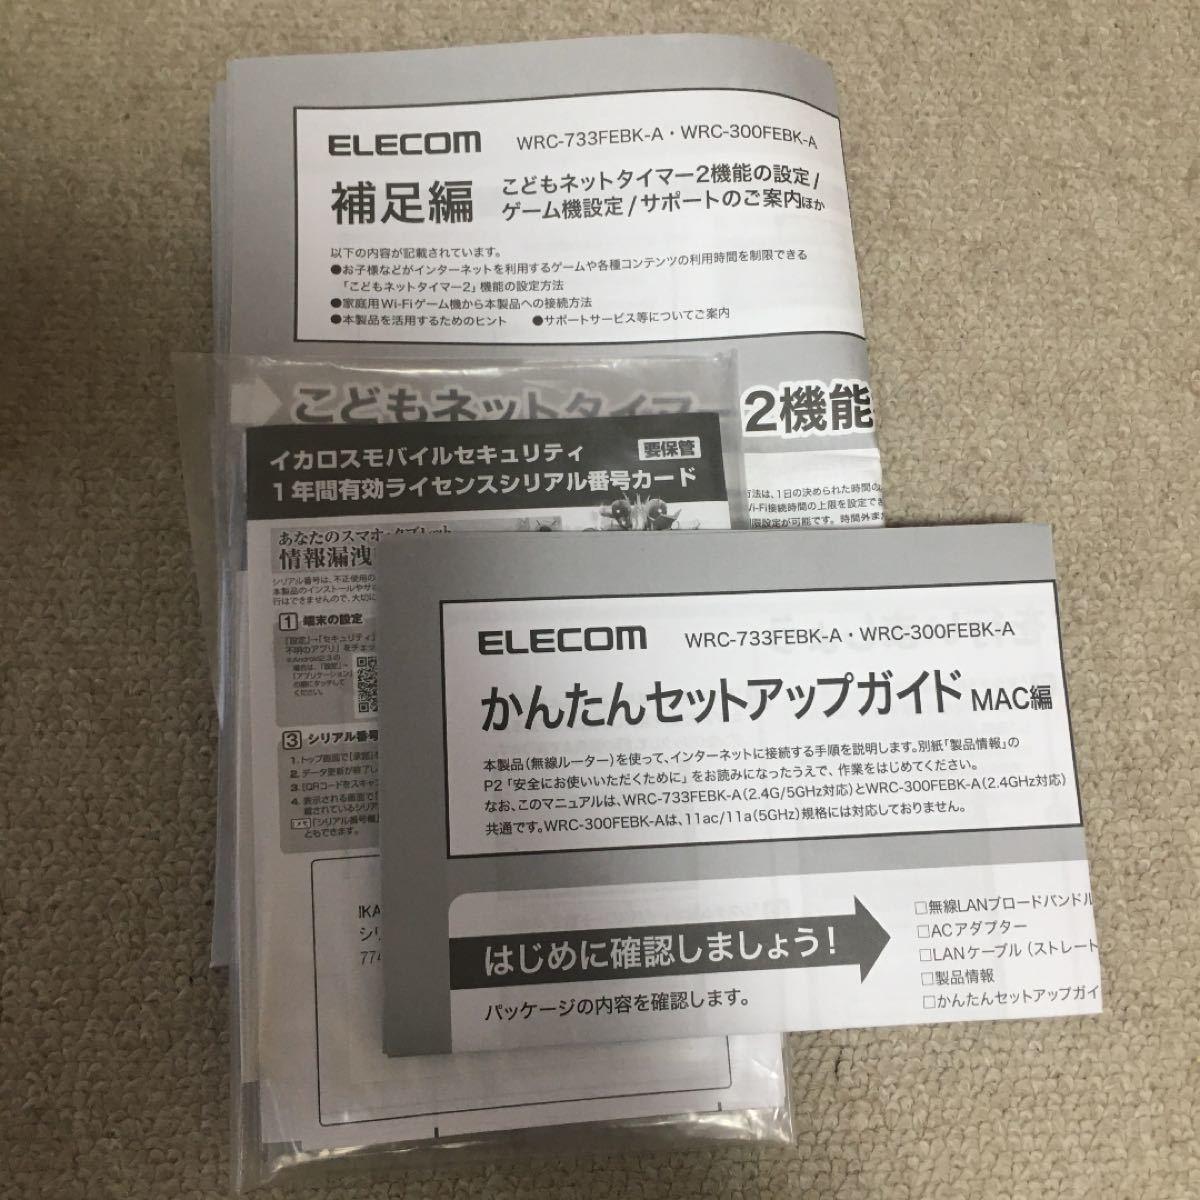 ELECOM WRC-733FEBK-A wifi ルーター エレコム  433 LANケーブルなし